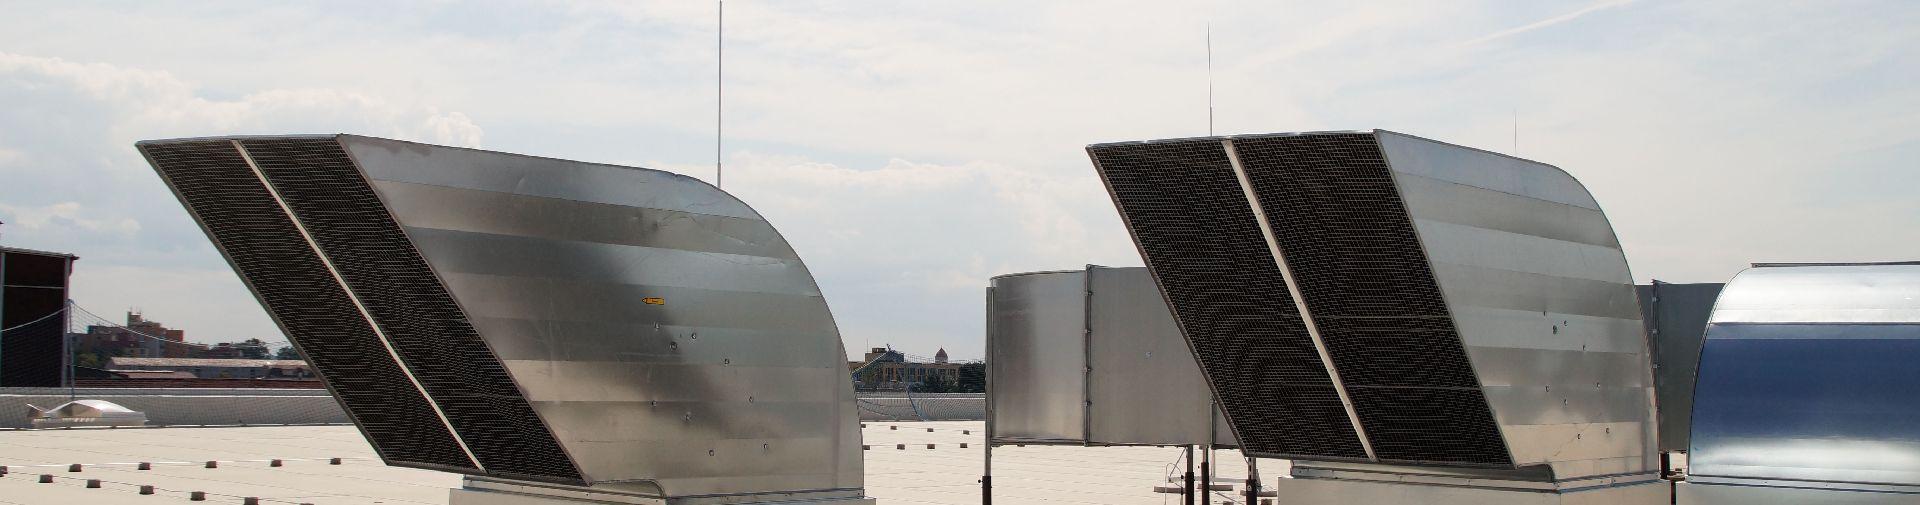 Lüftungstechnik Luftreiniger im Raum Nürnberg, Regensburg, Ingolstadt